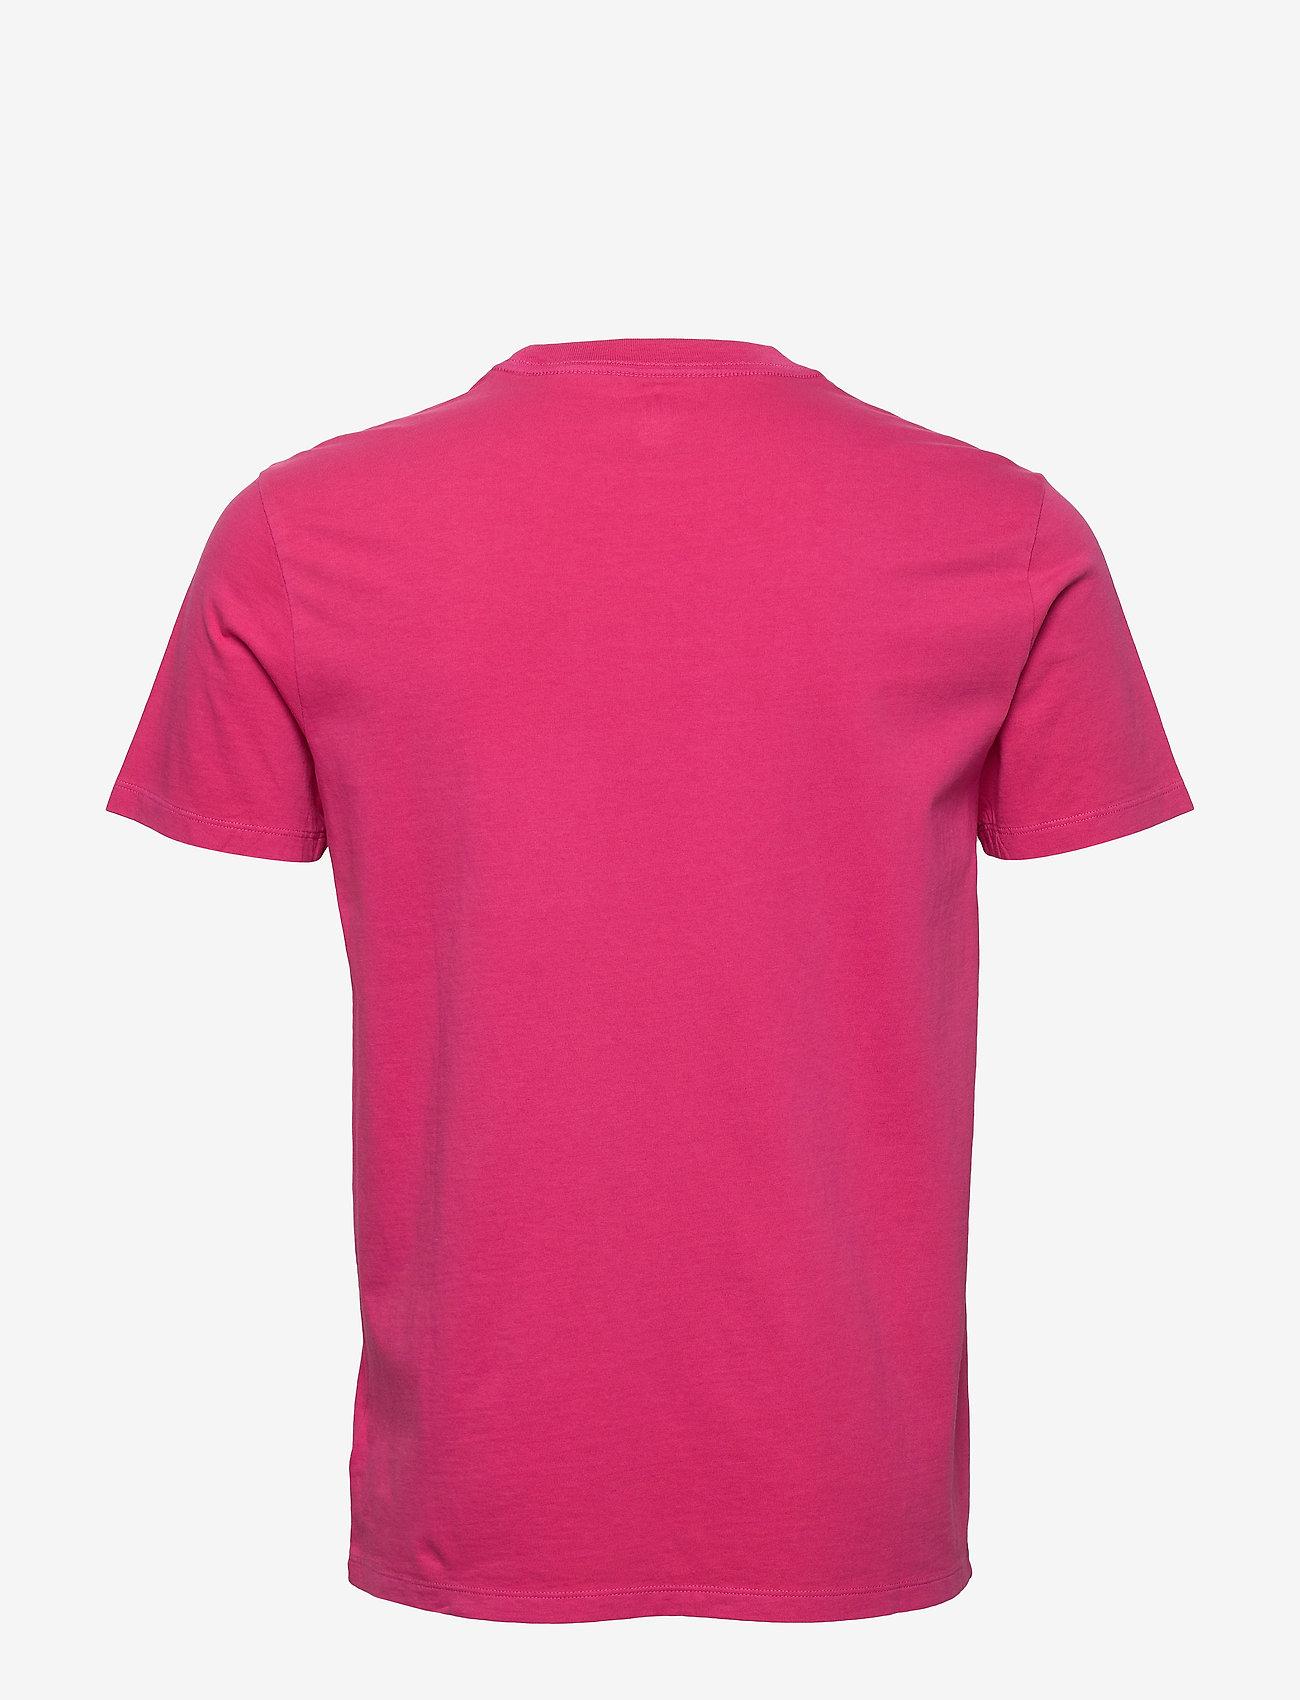 Pocket T-shirt (Bright Peony Pink) (104.30 kr) - GAP OD5Njvmb